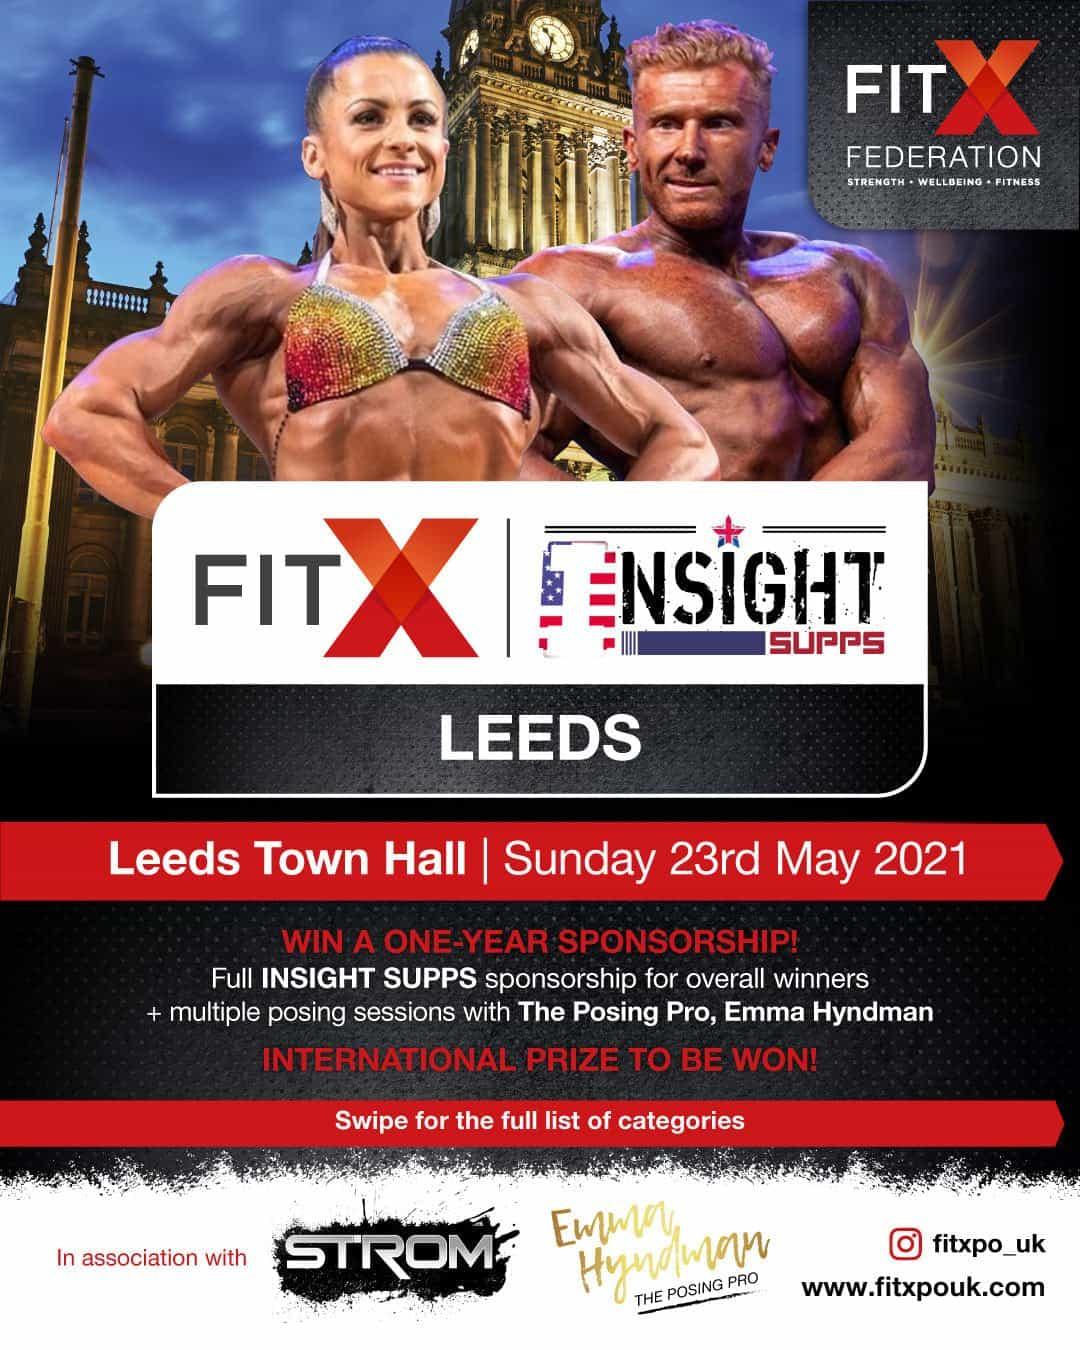 Fitx Leeds